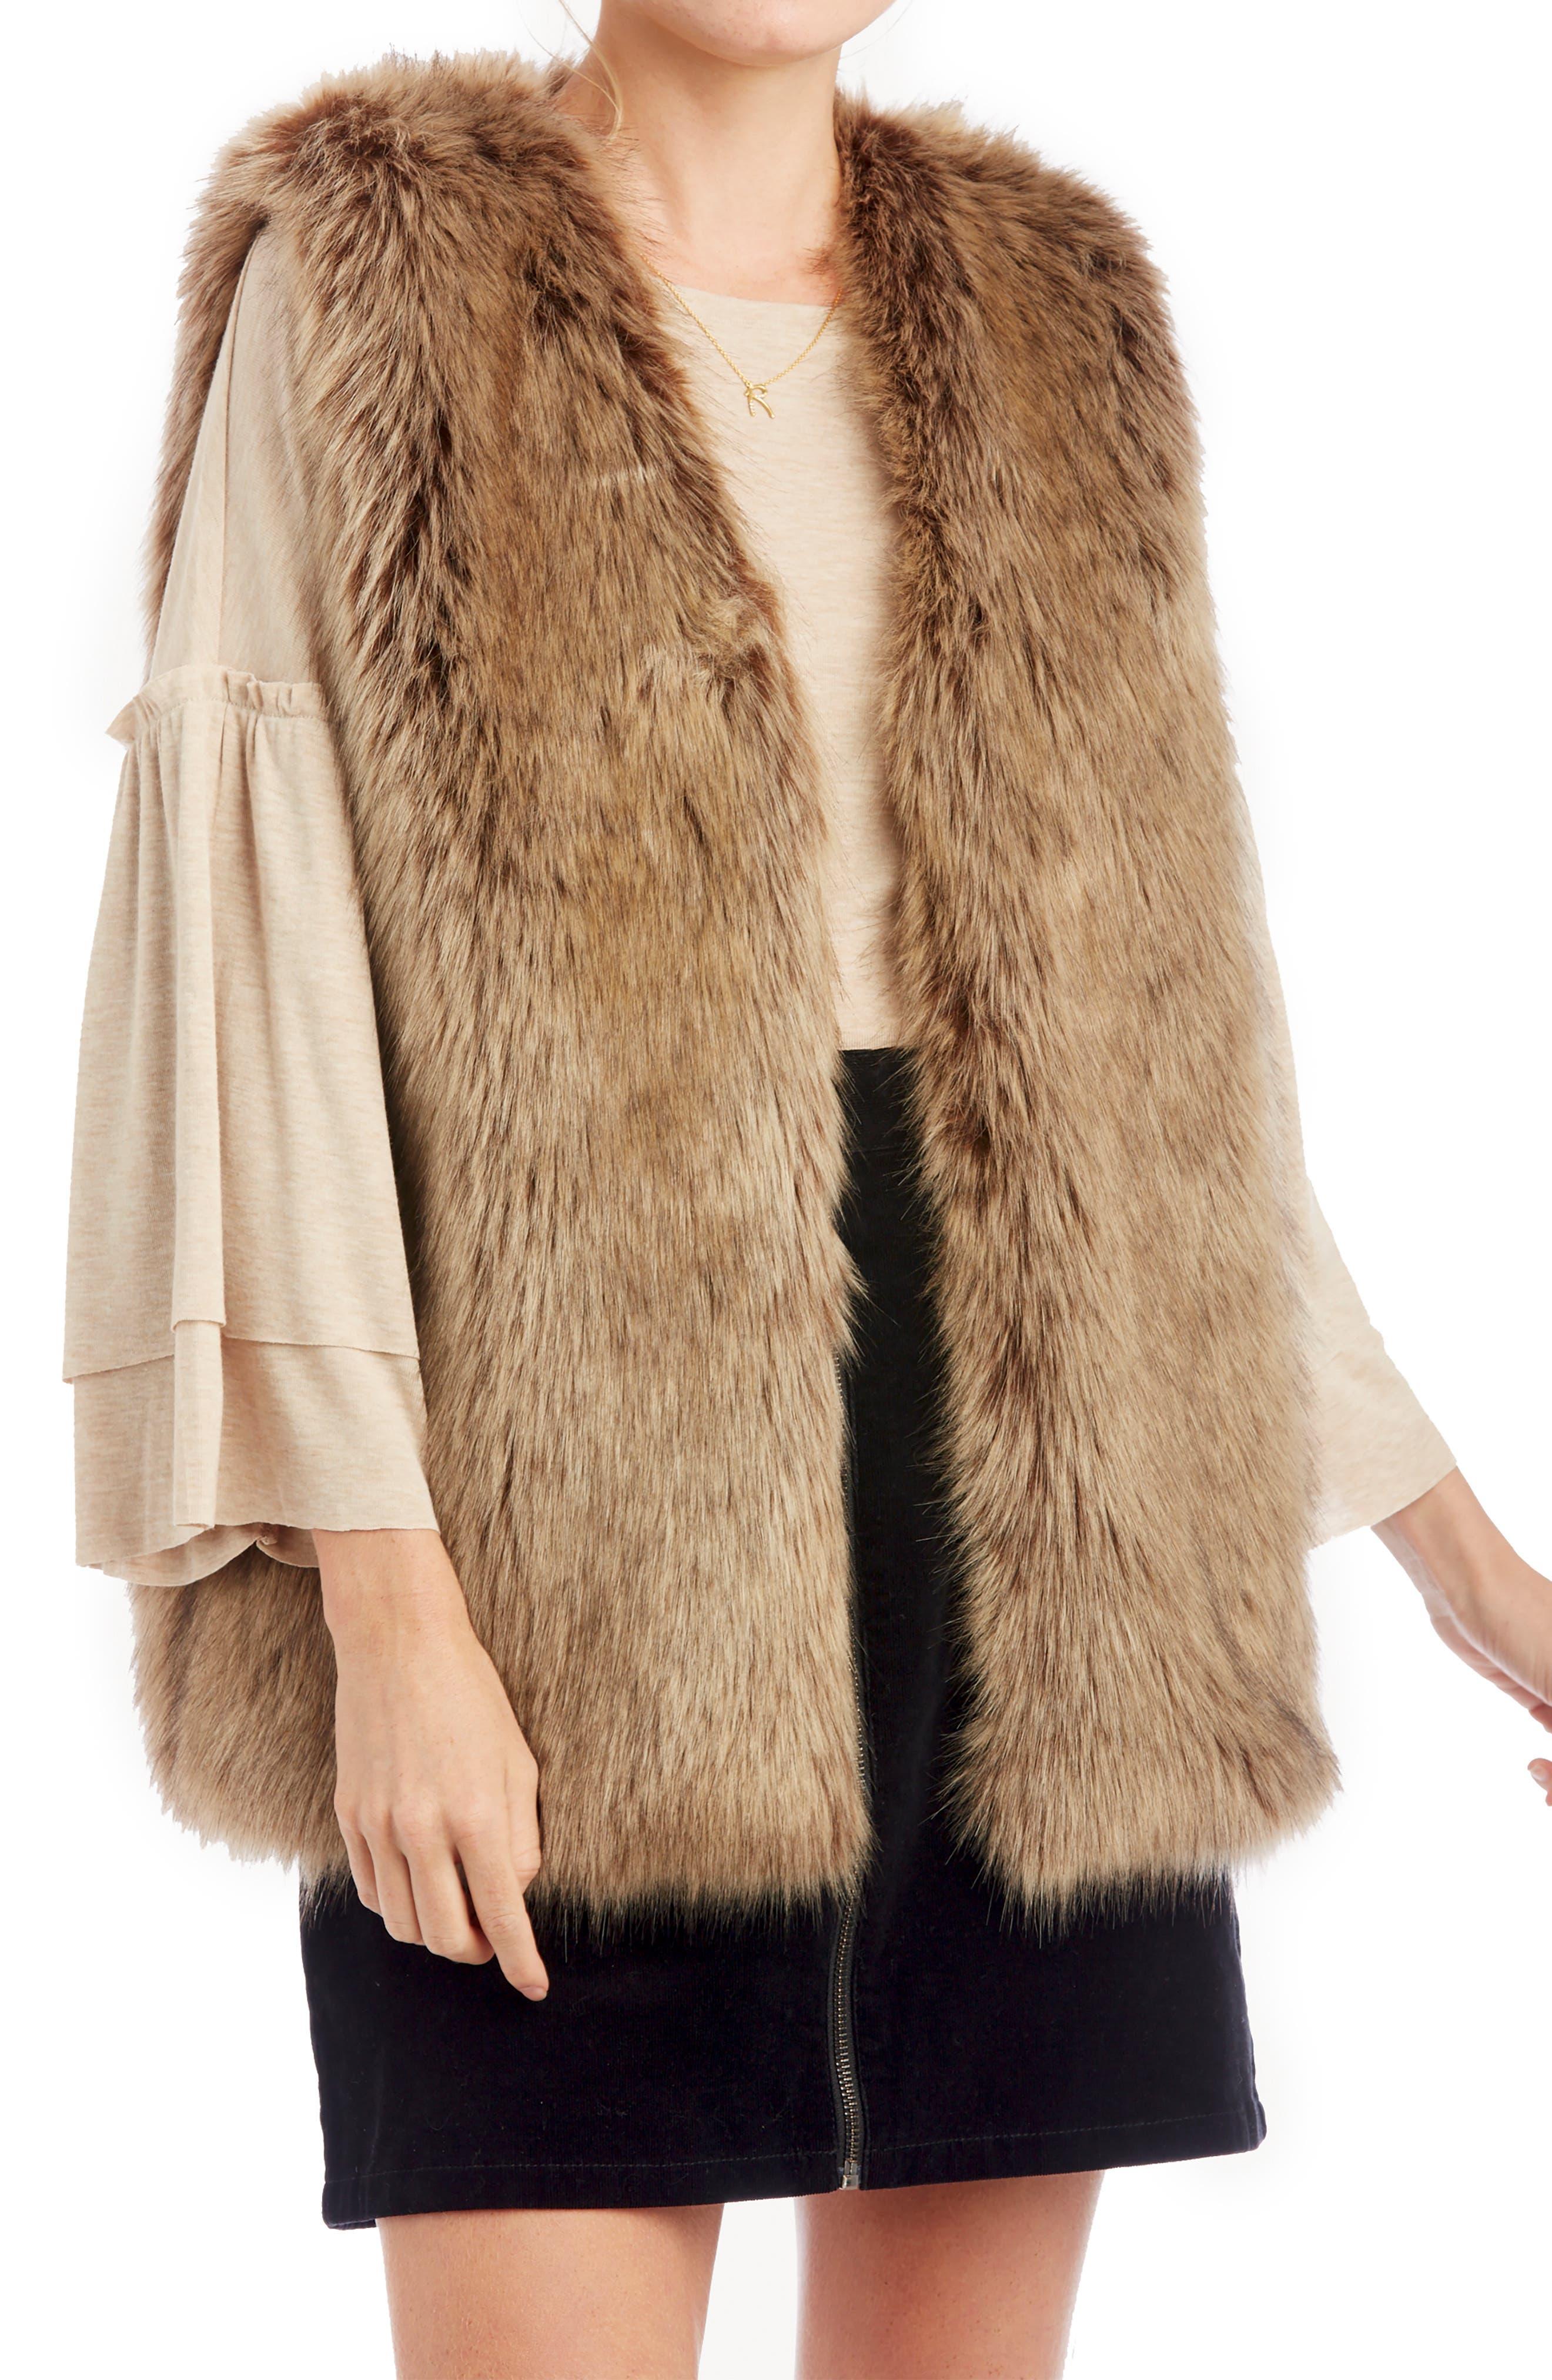 Women's 70s Shirts, Blouses, Hippie Tops Womens Sole Society Faux Fur Vest $79.95 AT vintagedancer.com